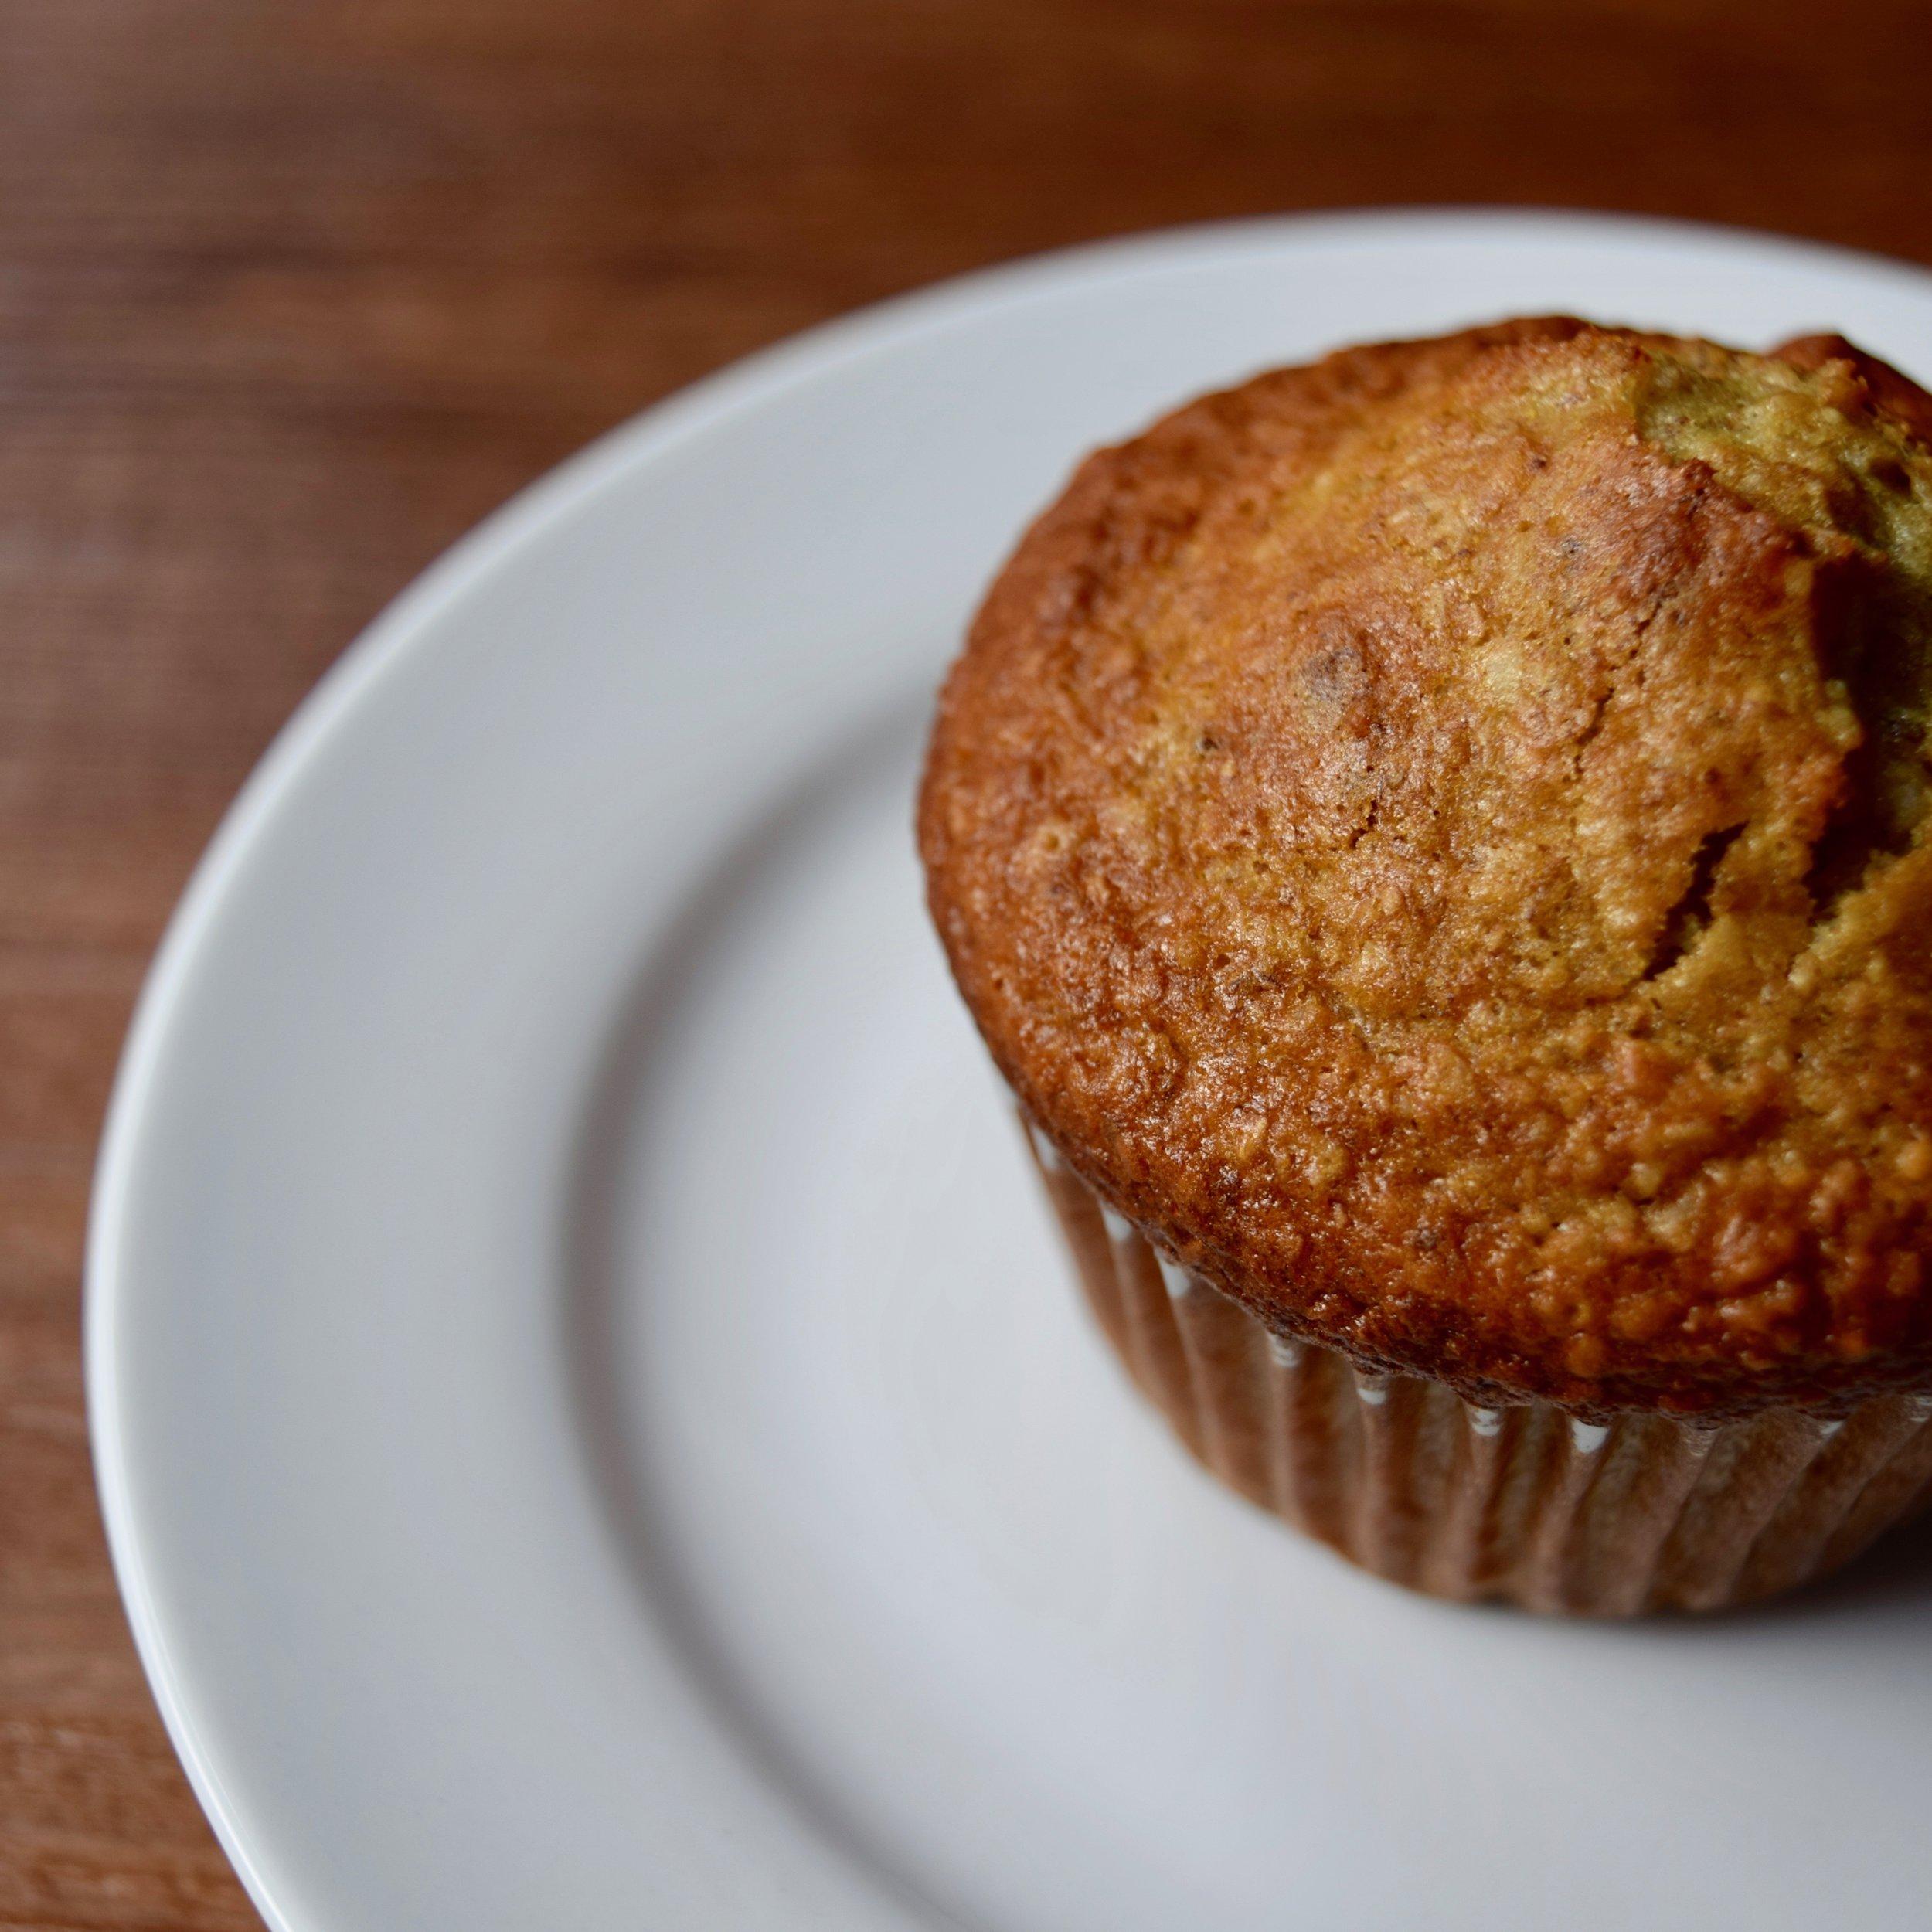 Nutrition - Bran Muffin